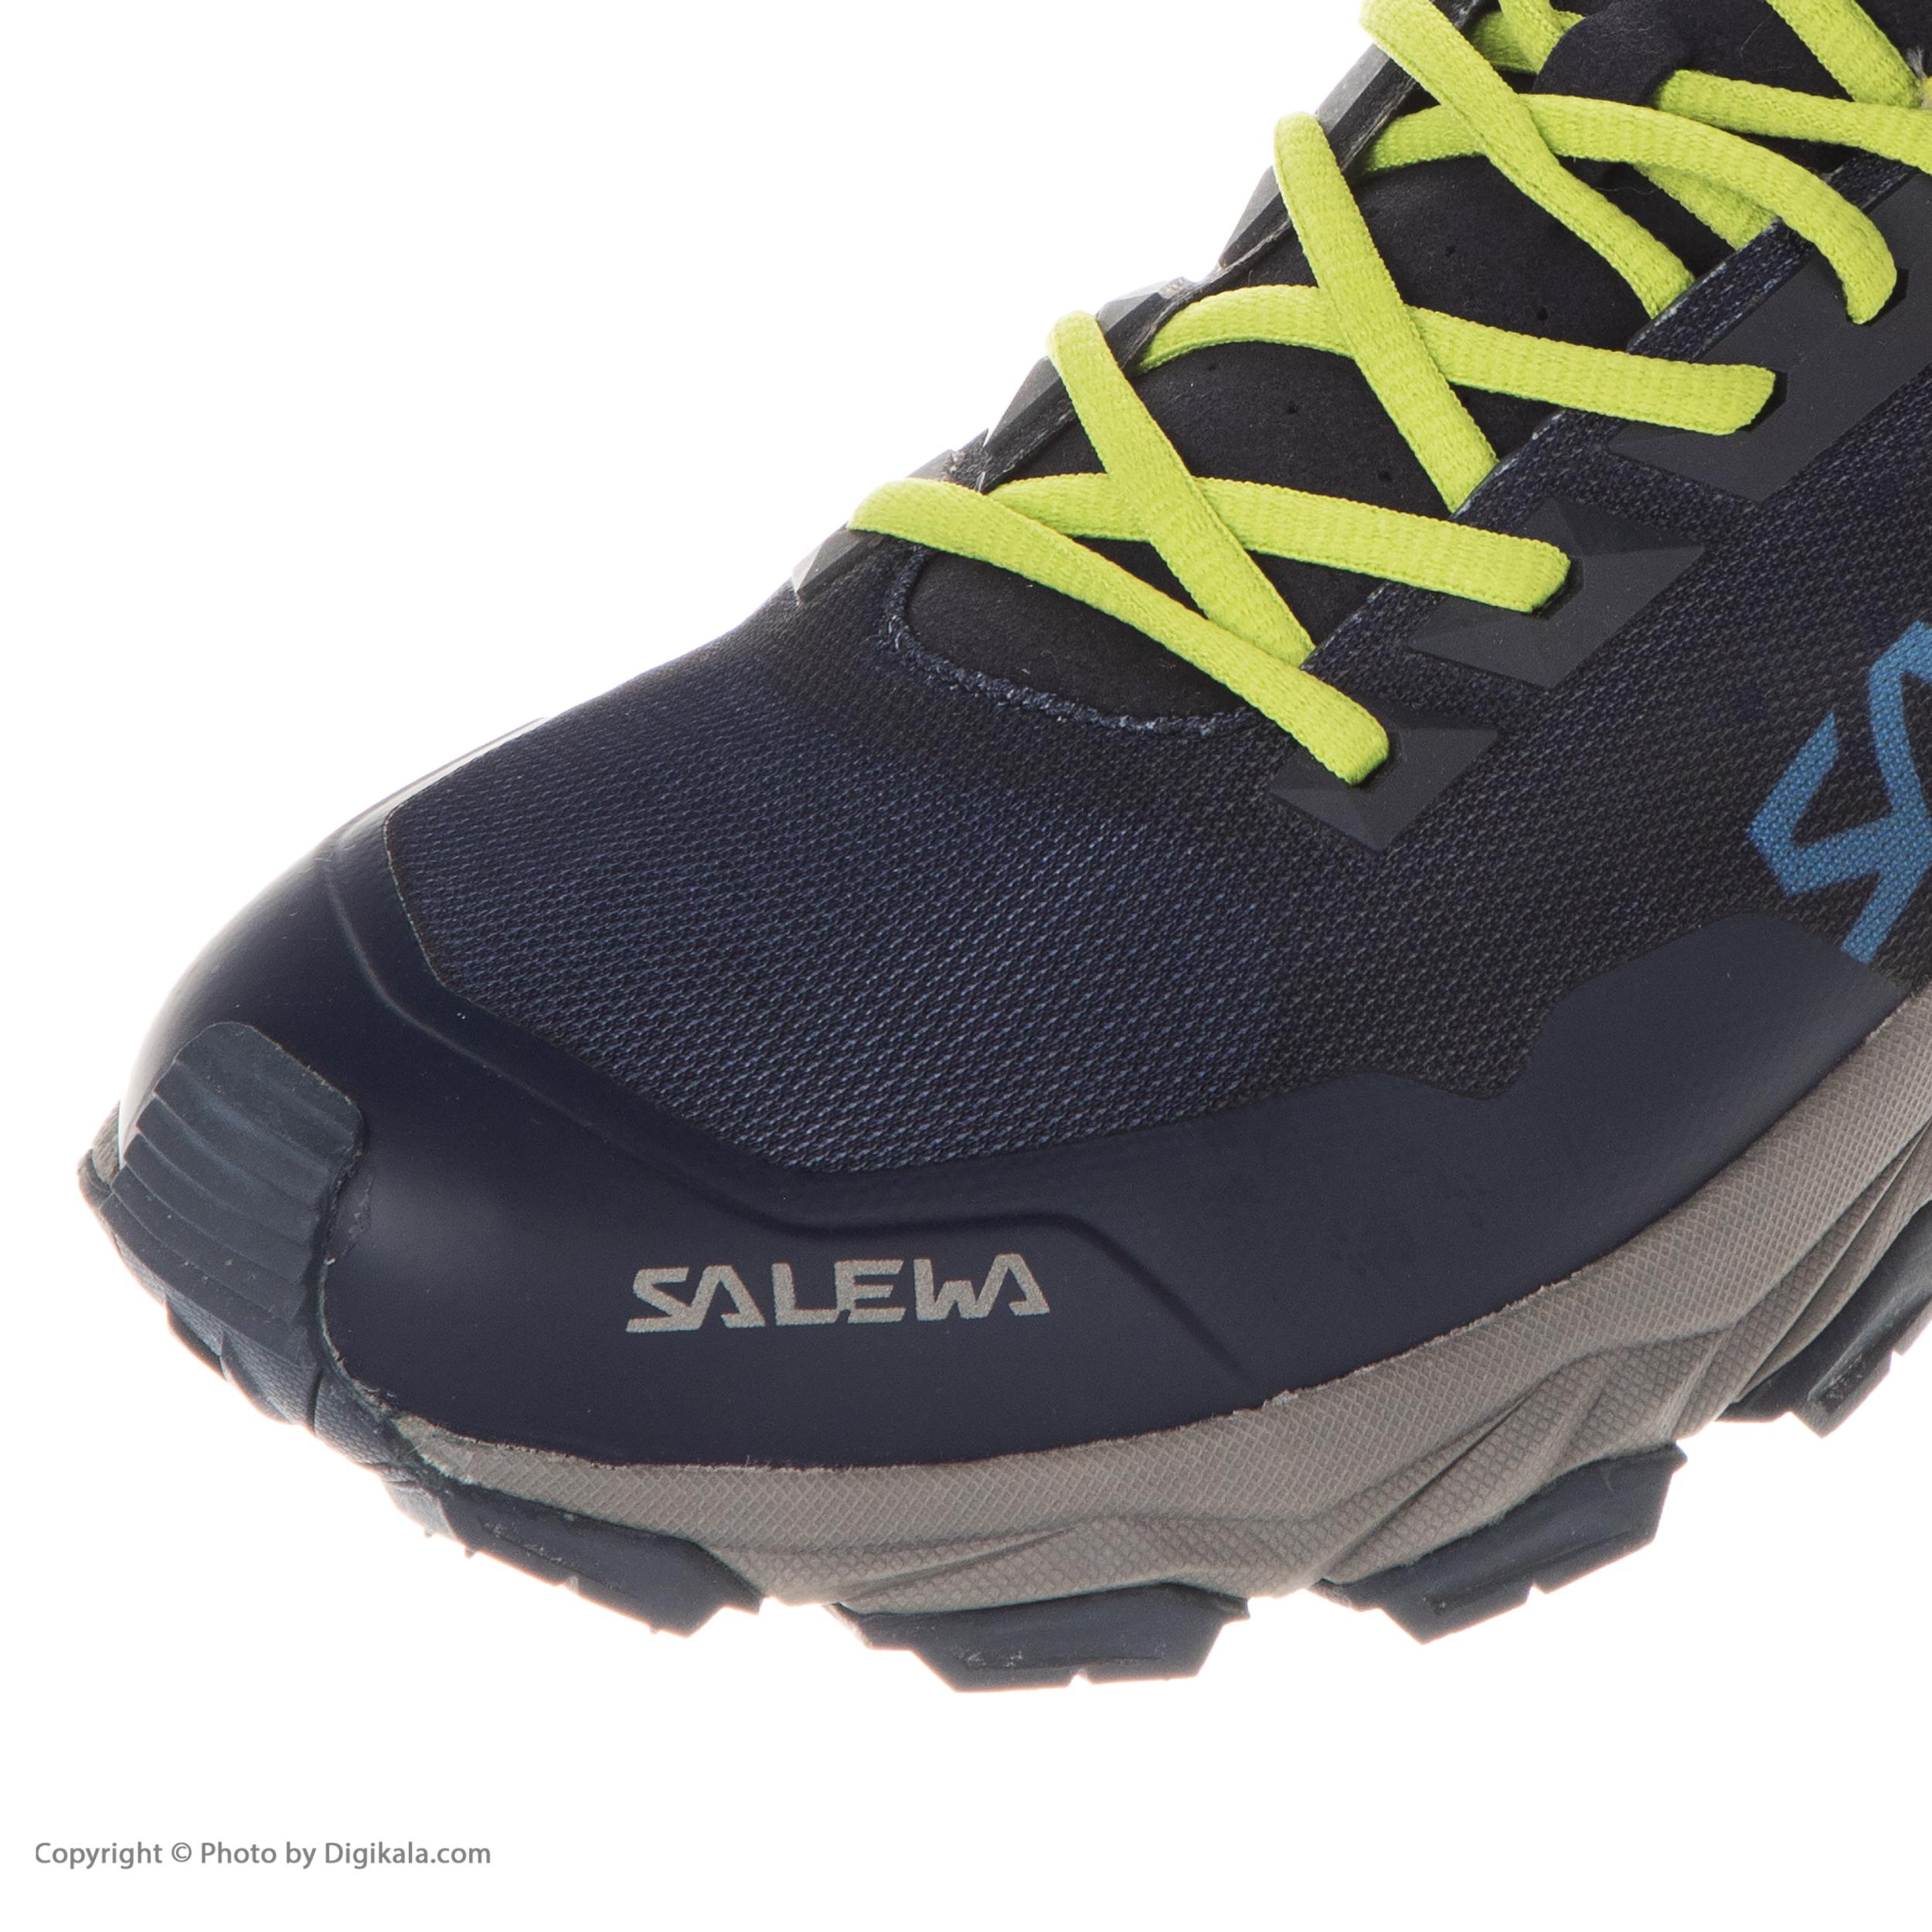 کفش کوهنوردی مردانه  سالیوا کد EM-5478 main 1 4